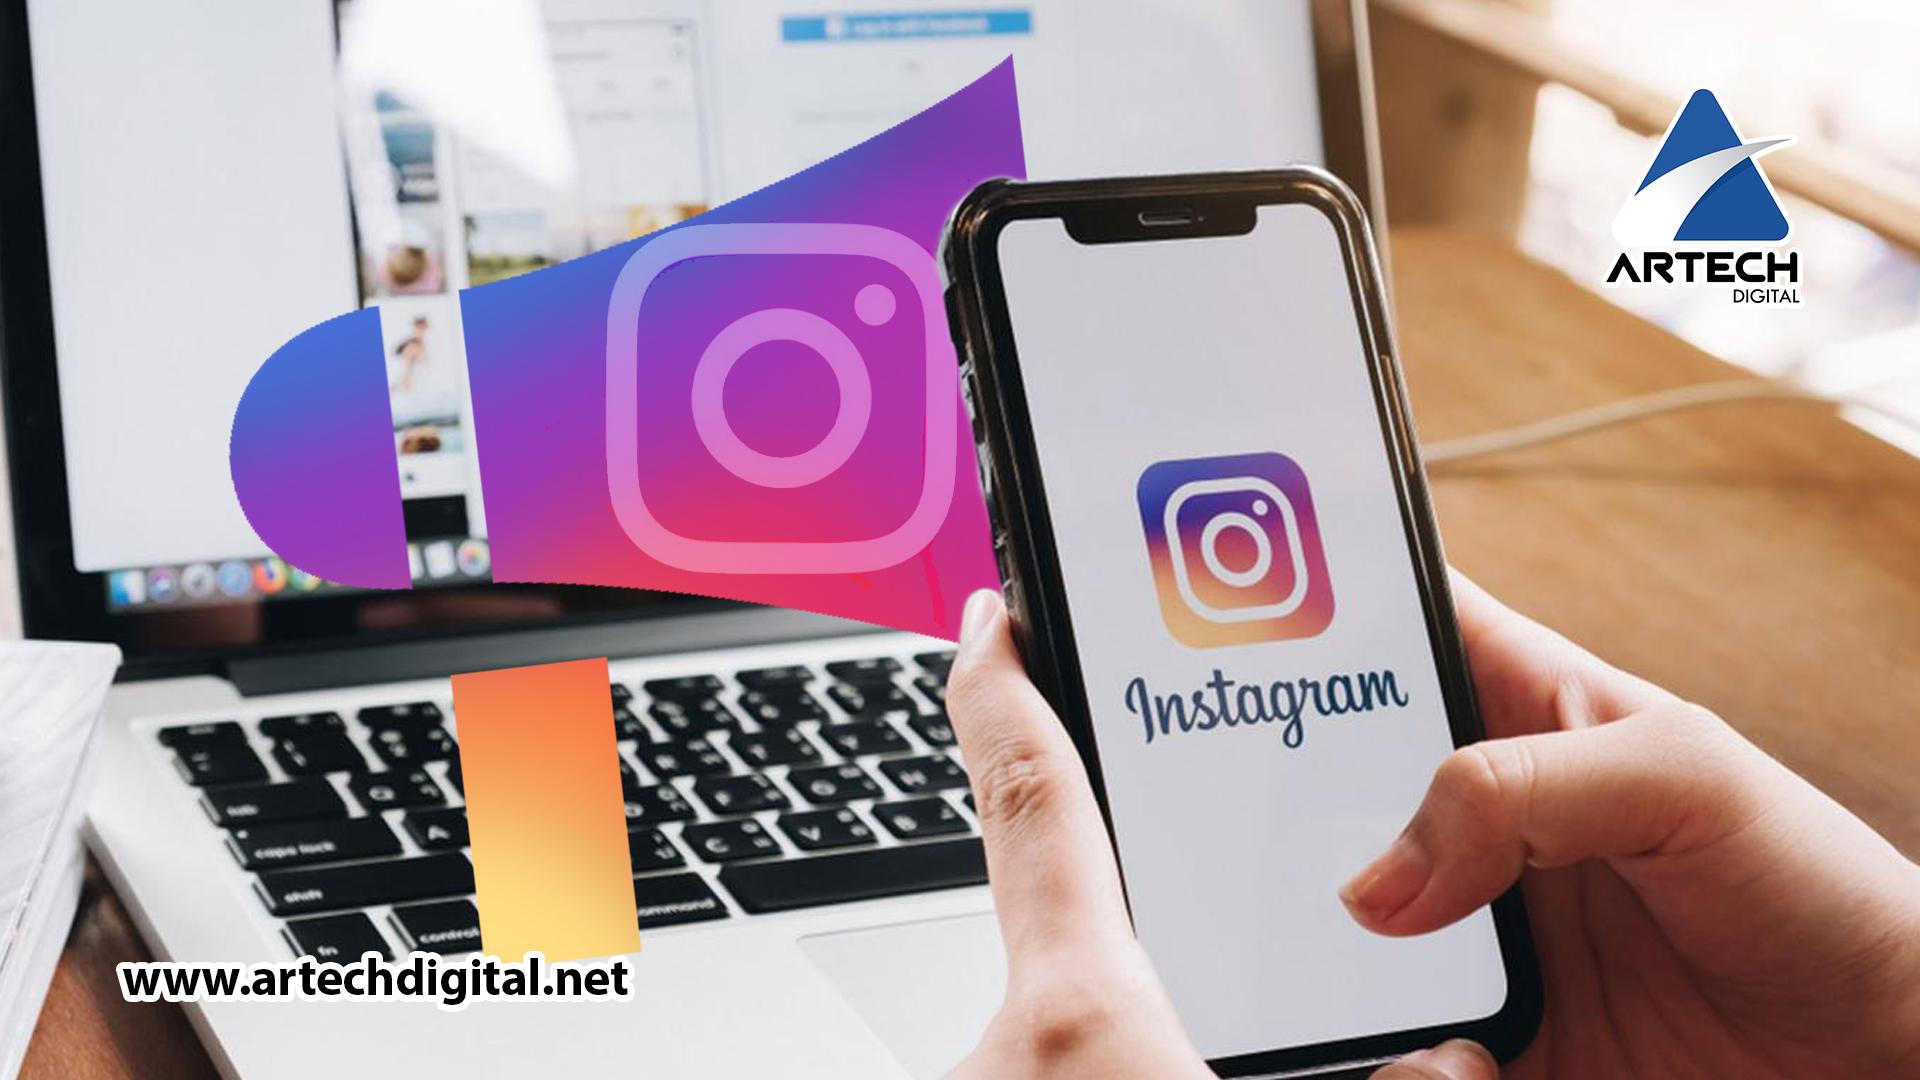 Anuncios patrocinados en Instagram - 2